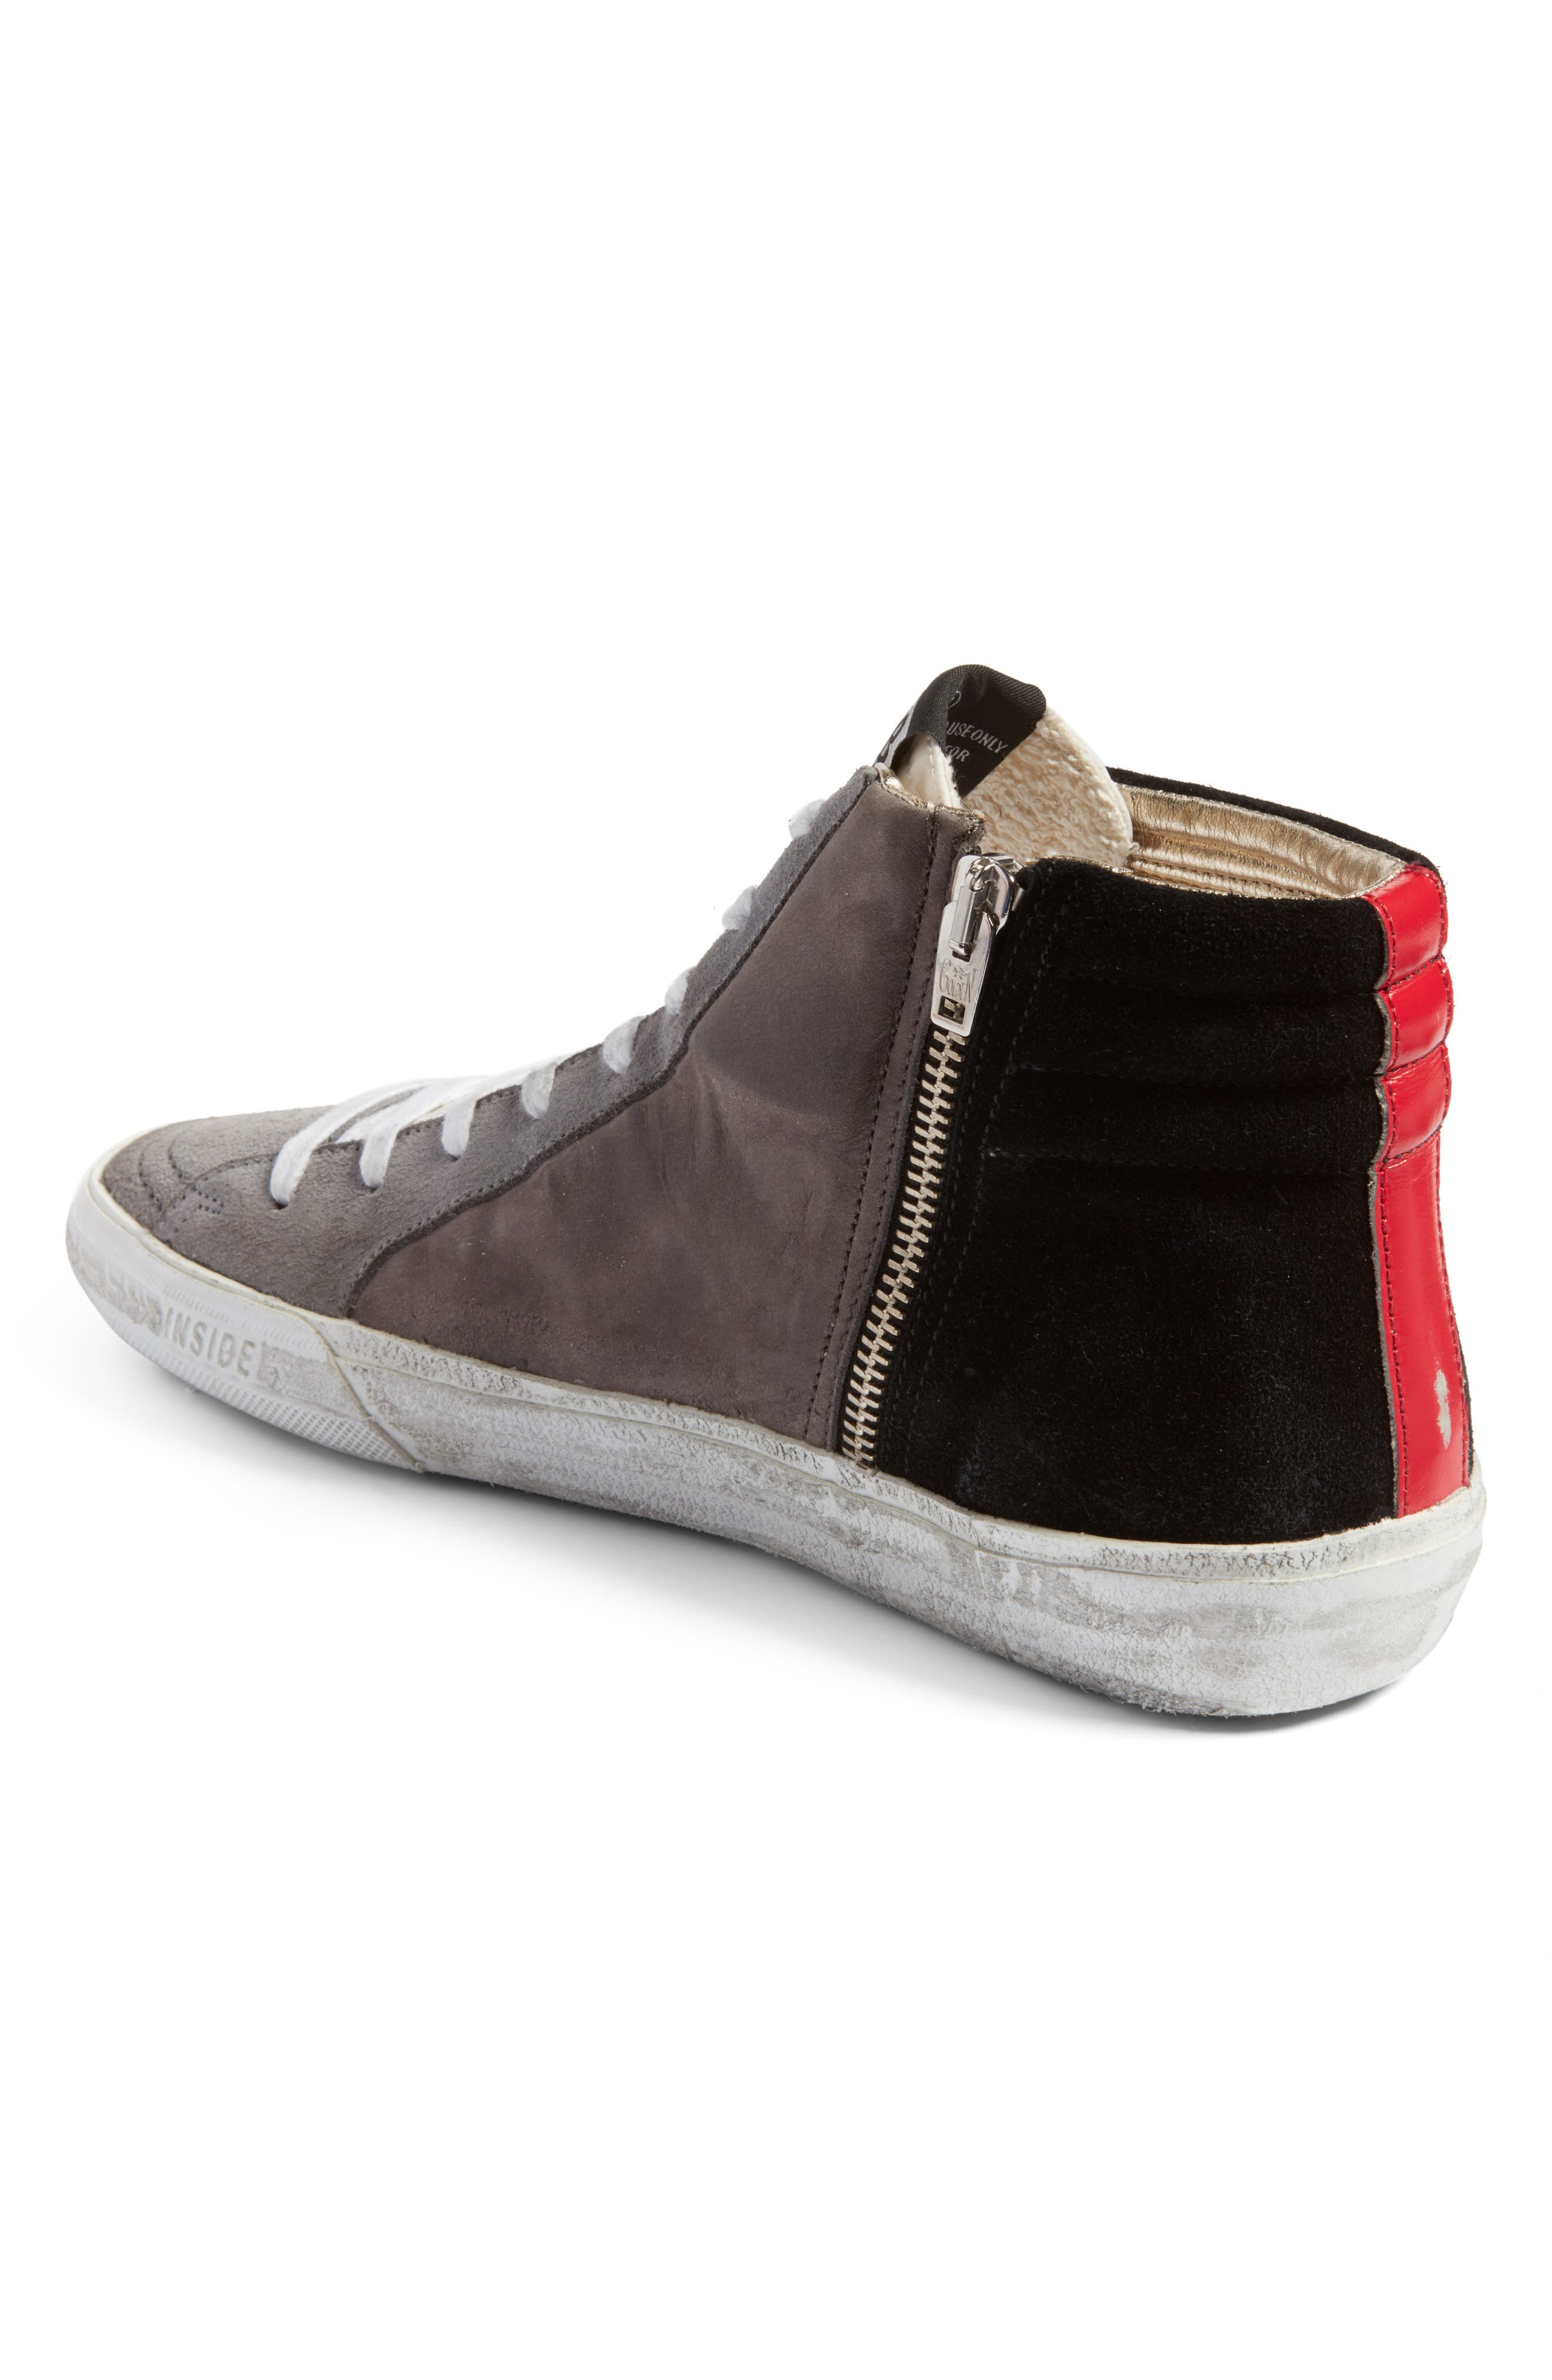 Slide High Top Sneaker,                             Alternate thumbnail 2, color,                             021